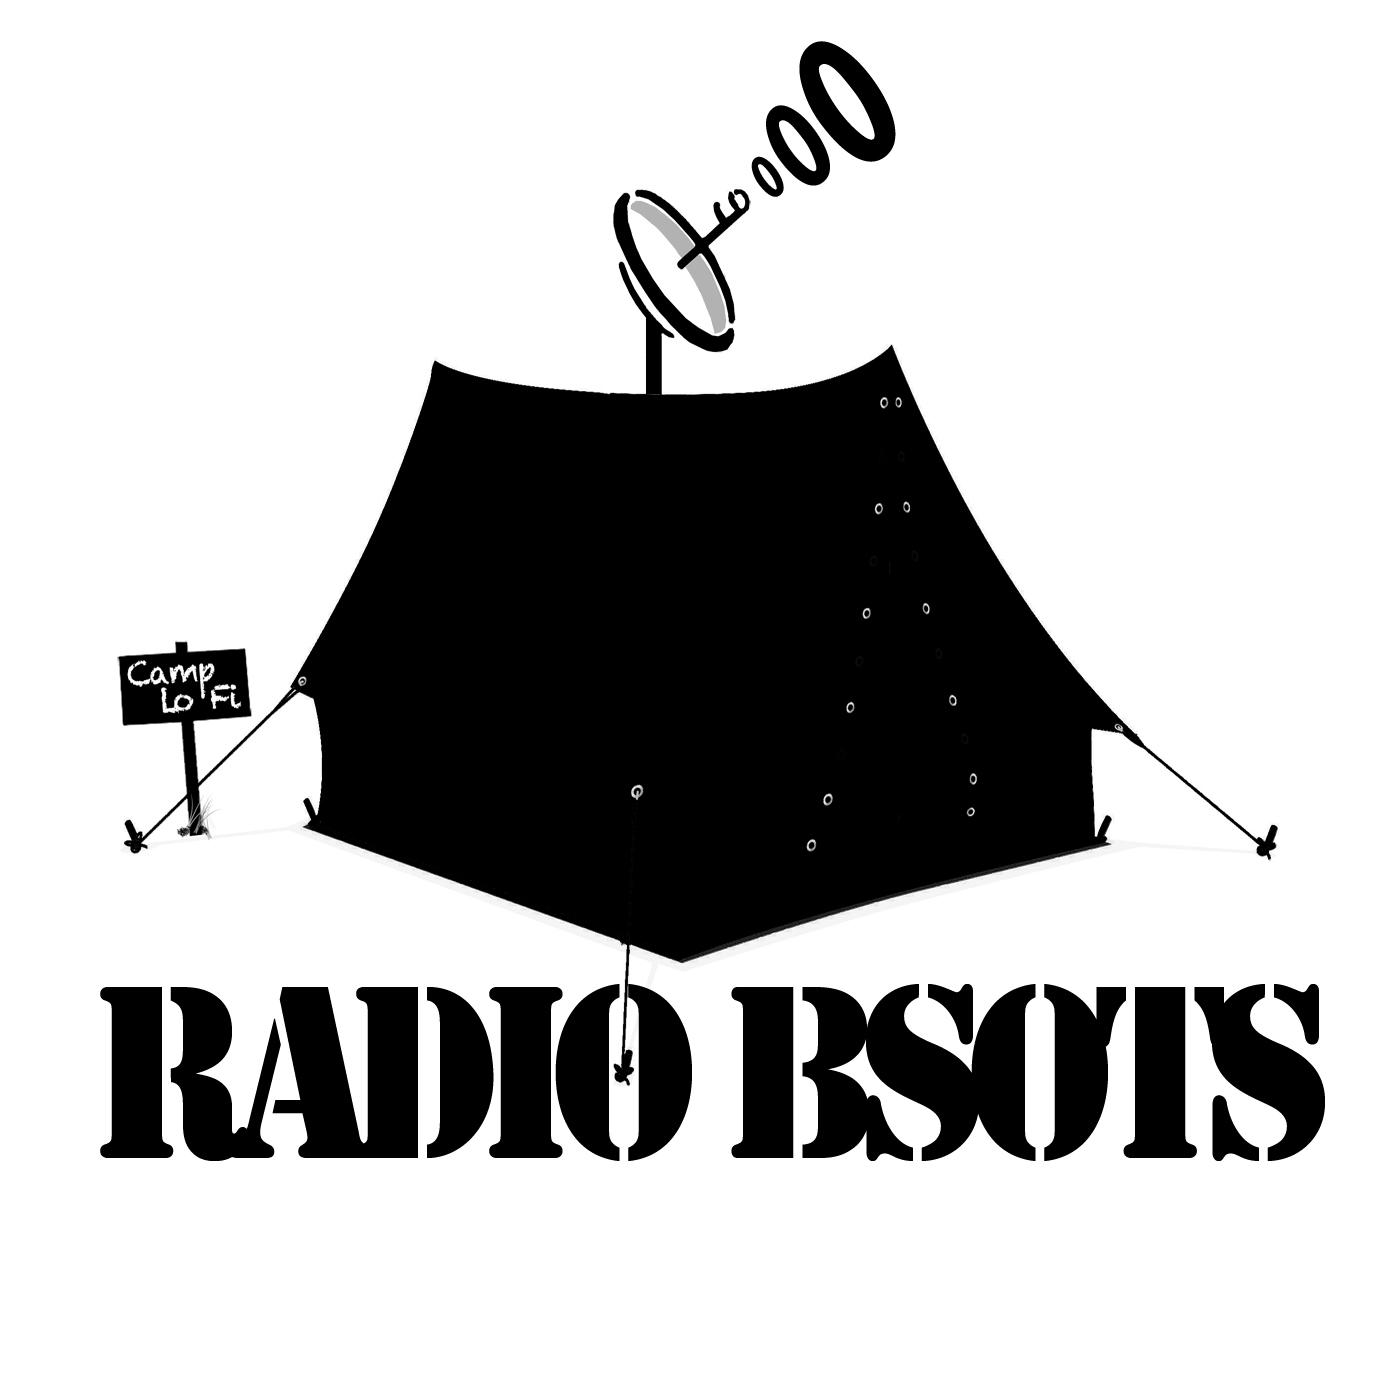 Radio BSOTS show art